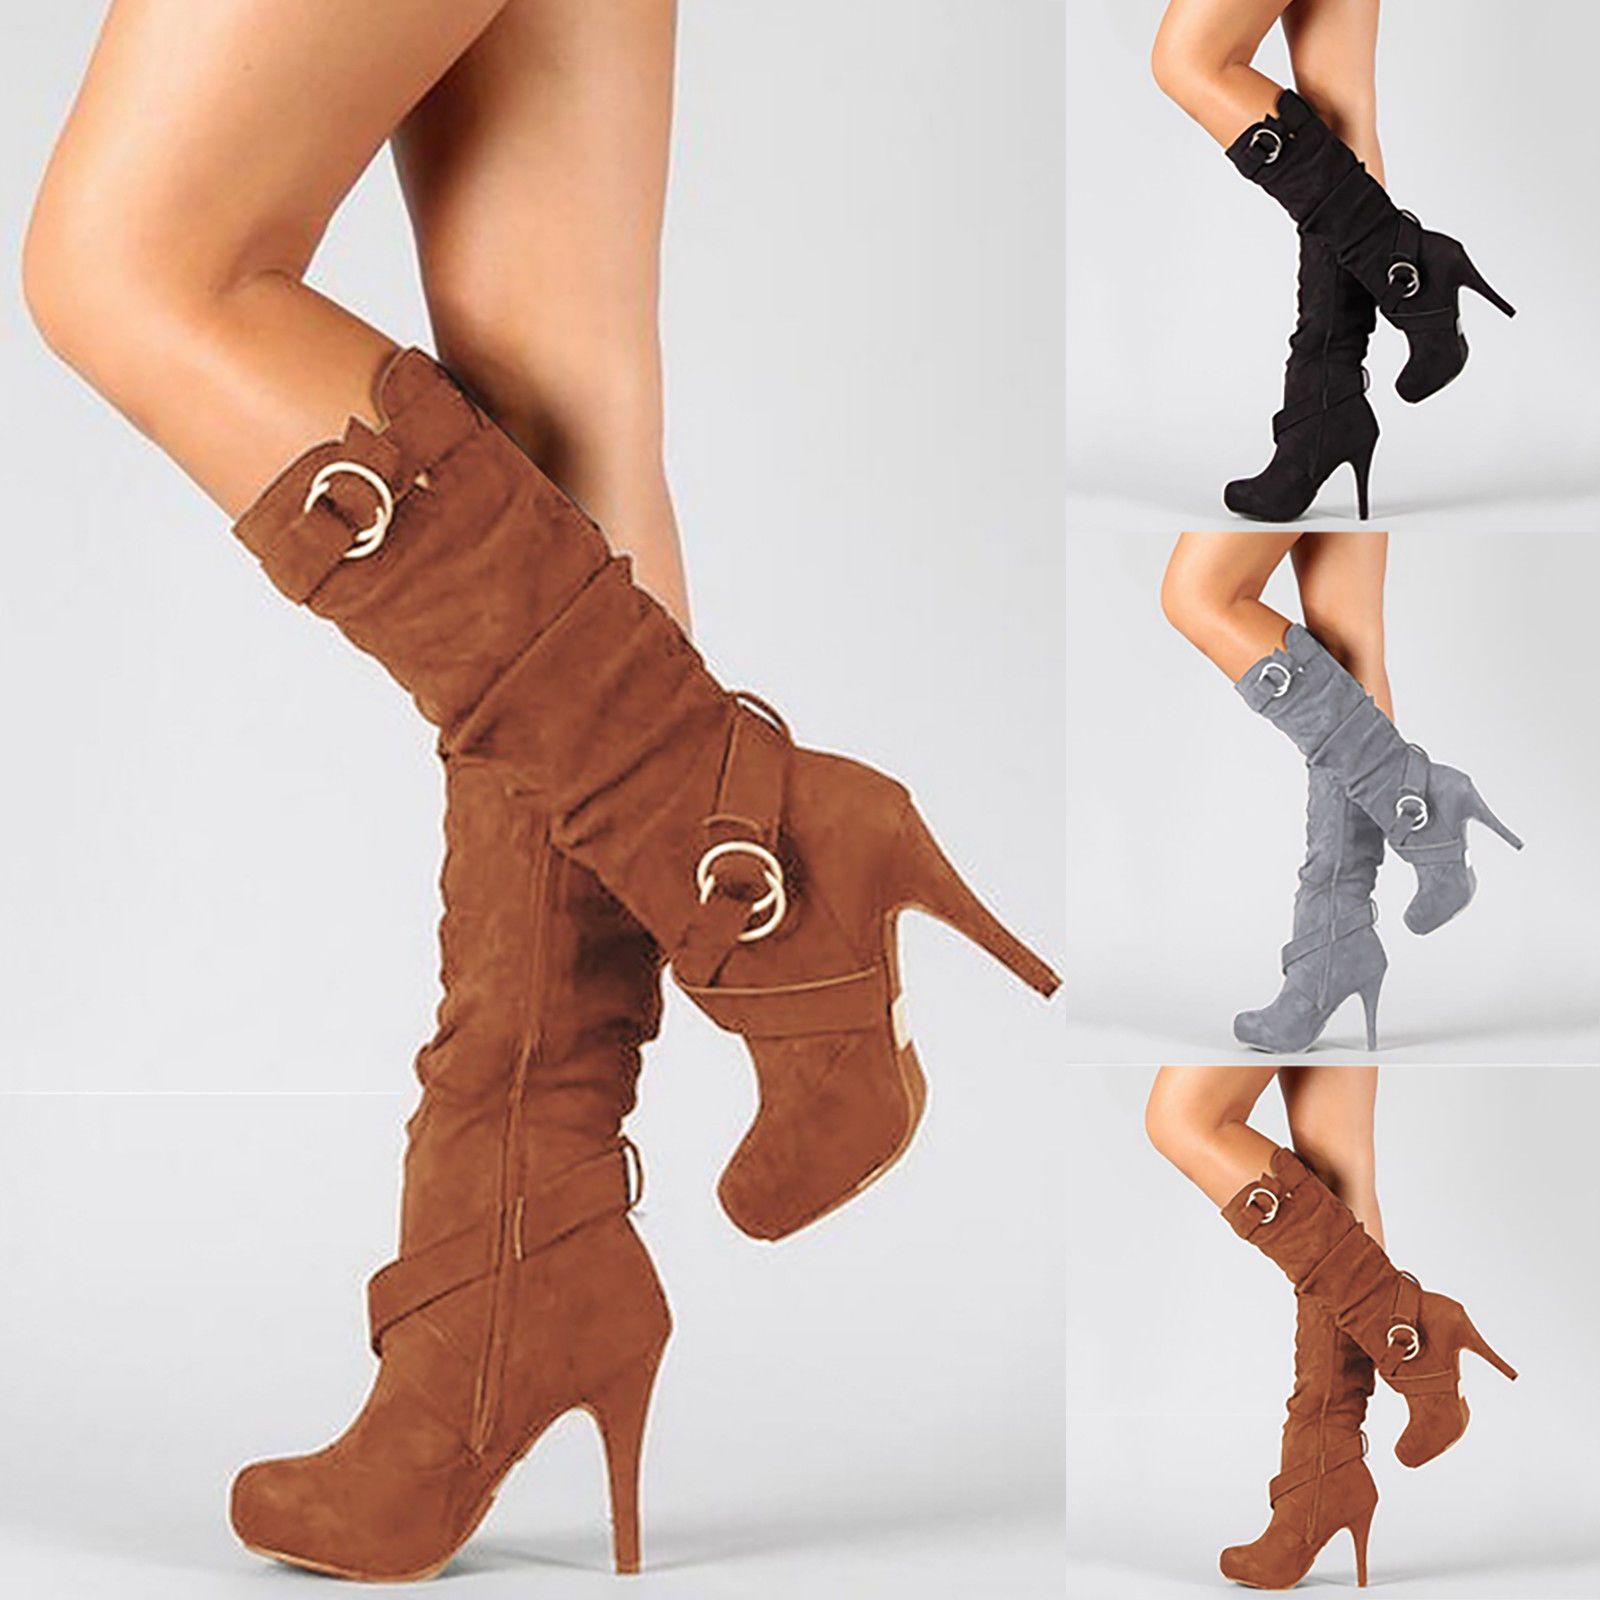 3 inch heel Zipper closure boots in